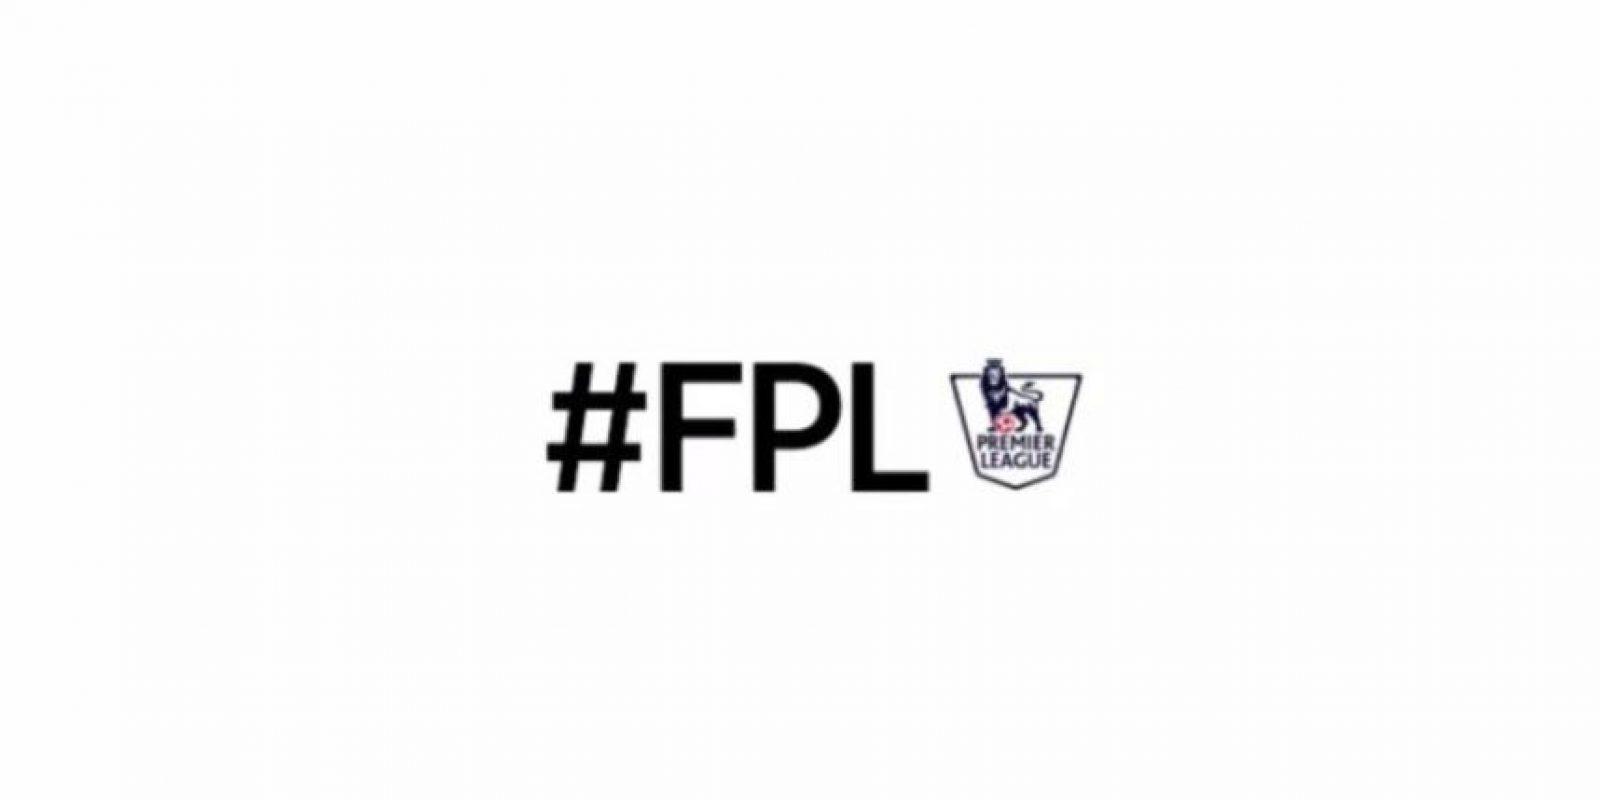 Hubo emojis del trofeo, la Federación Inglesa de Fútbol y los clubes que participan. Foto:vía Twitter.com